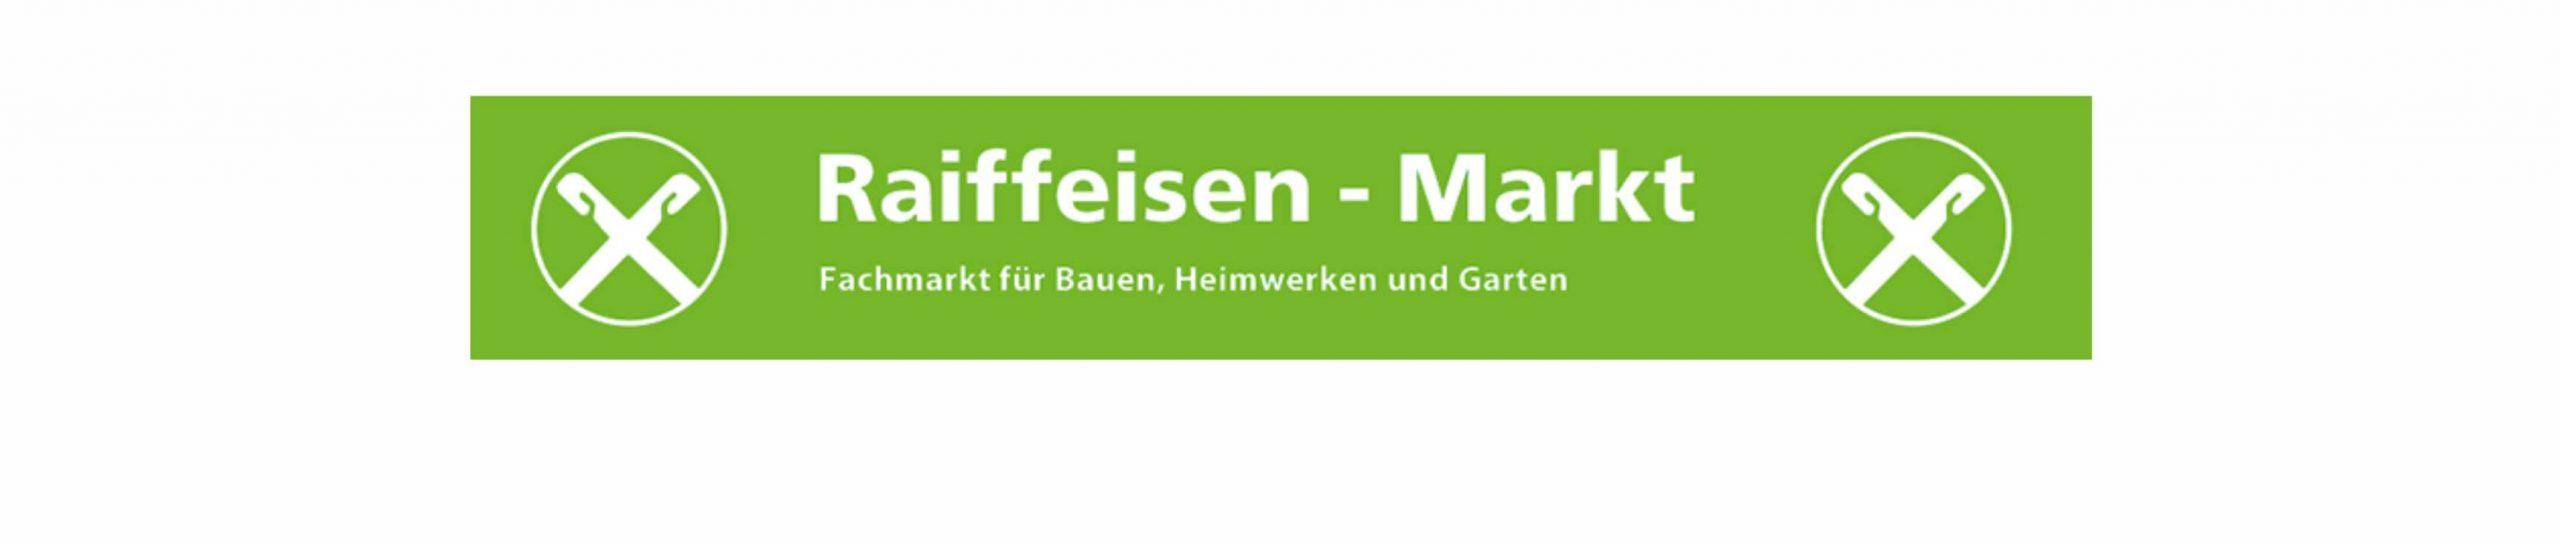 Raiffeisen-Handelsgenossenschaft eG Bau- und Gartenmarkt  - Gadebusch